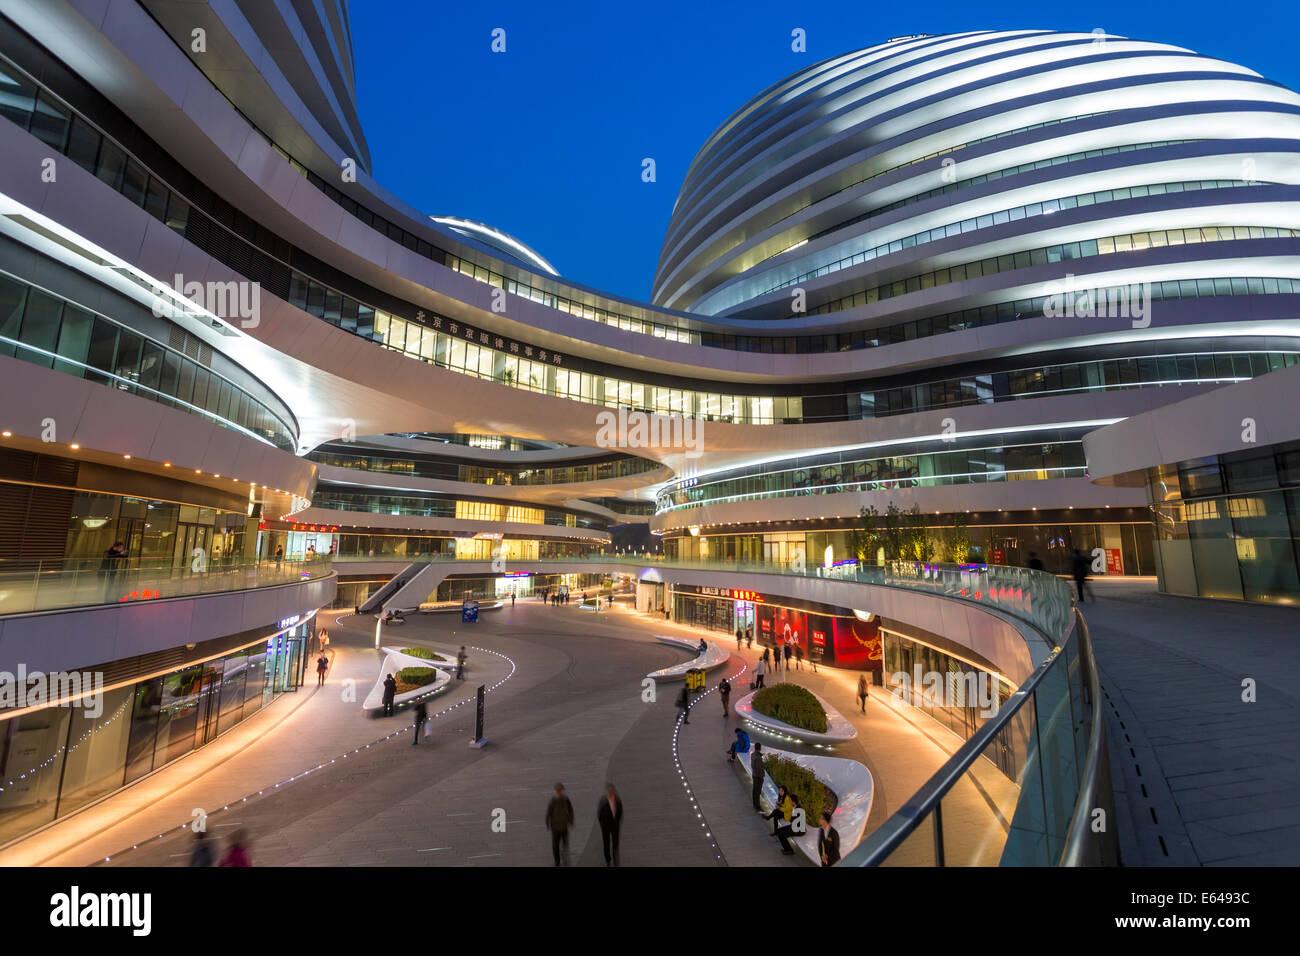 La nouvelle galaxie Soho bâtiment conçu par l'architecte Zaha Hadid, Beijing, Chine Photo Stock